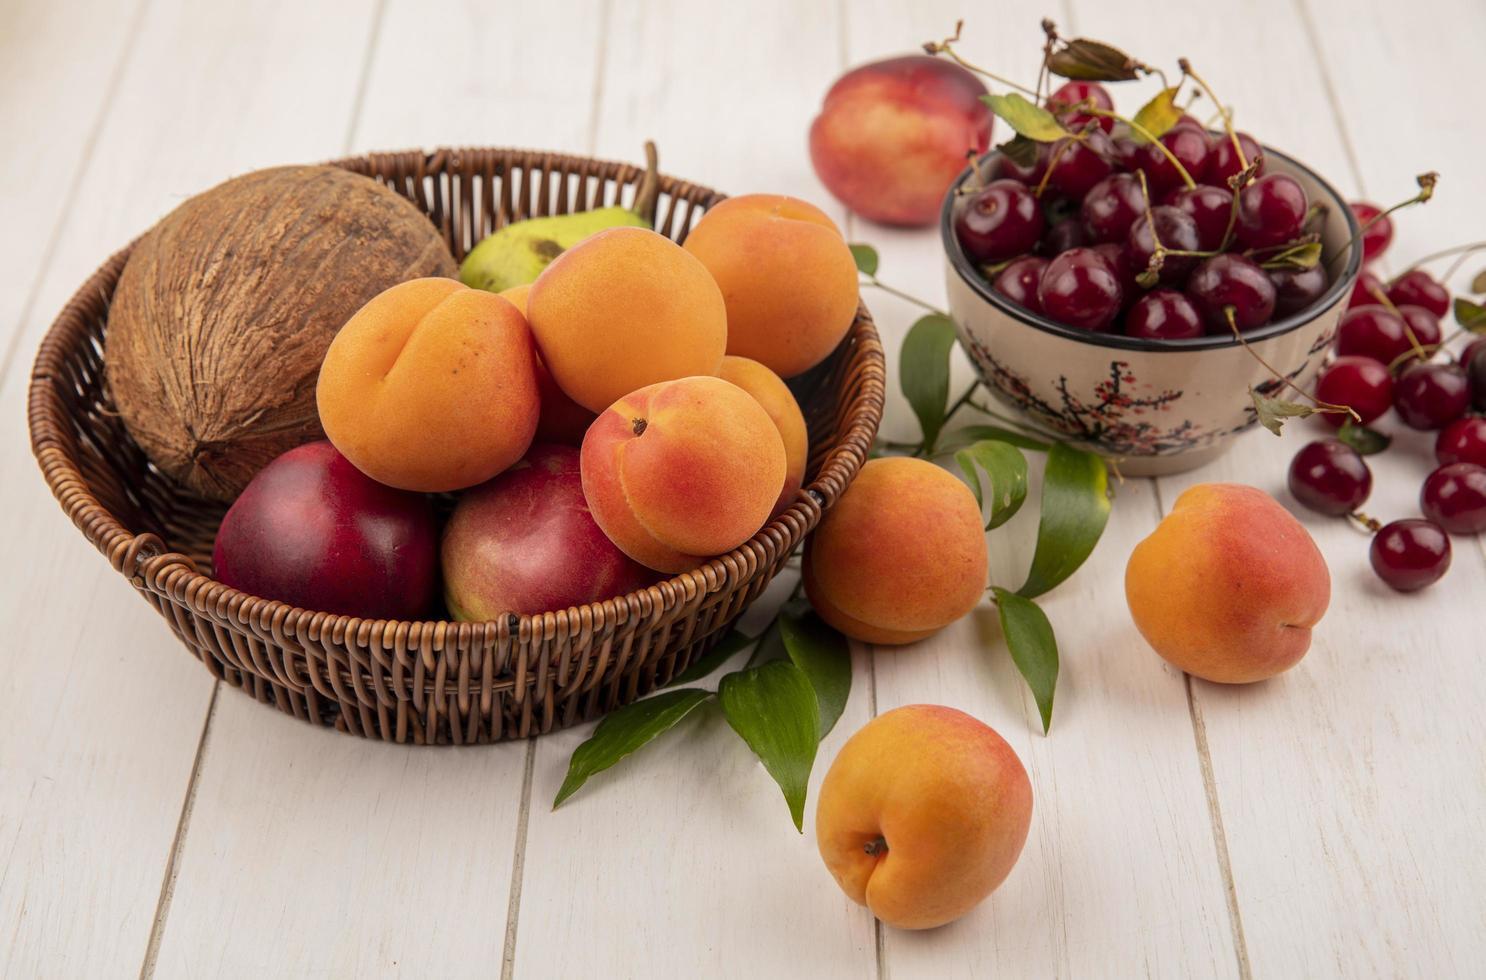 verschiedene Früchte in einem Korb auf Holzoberfläche foto